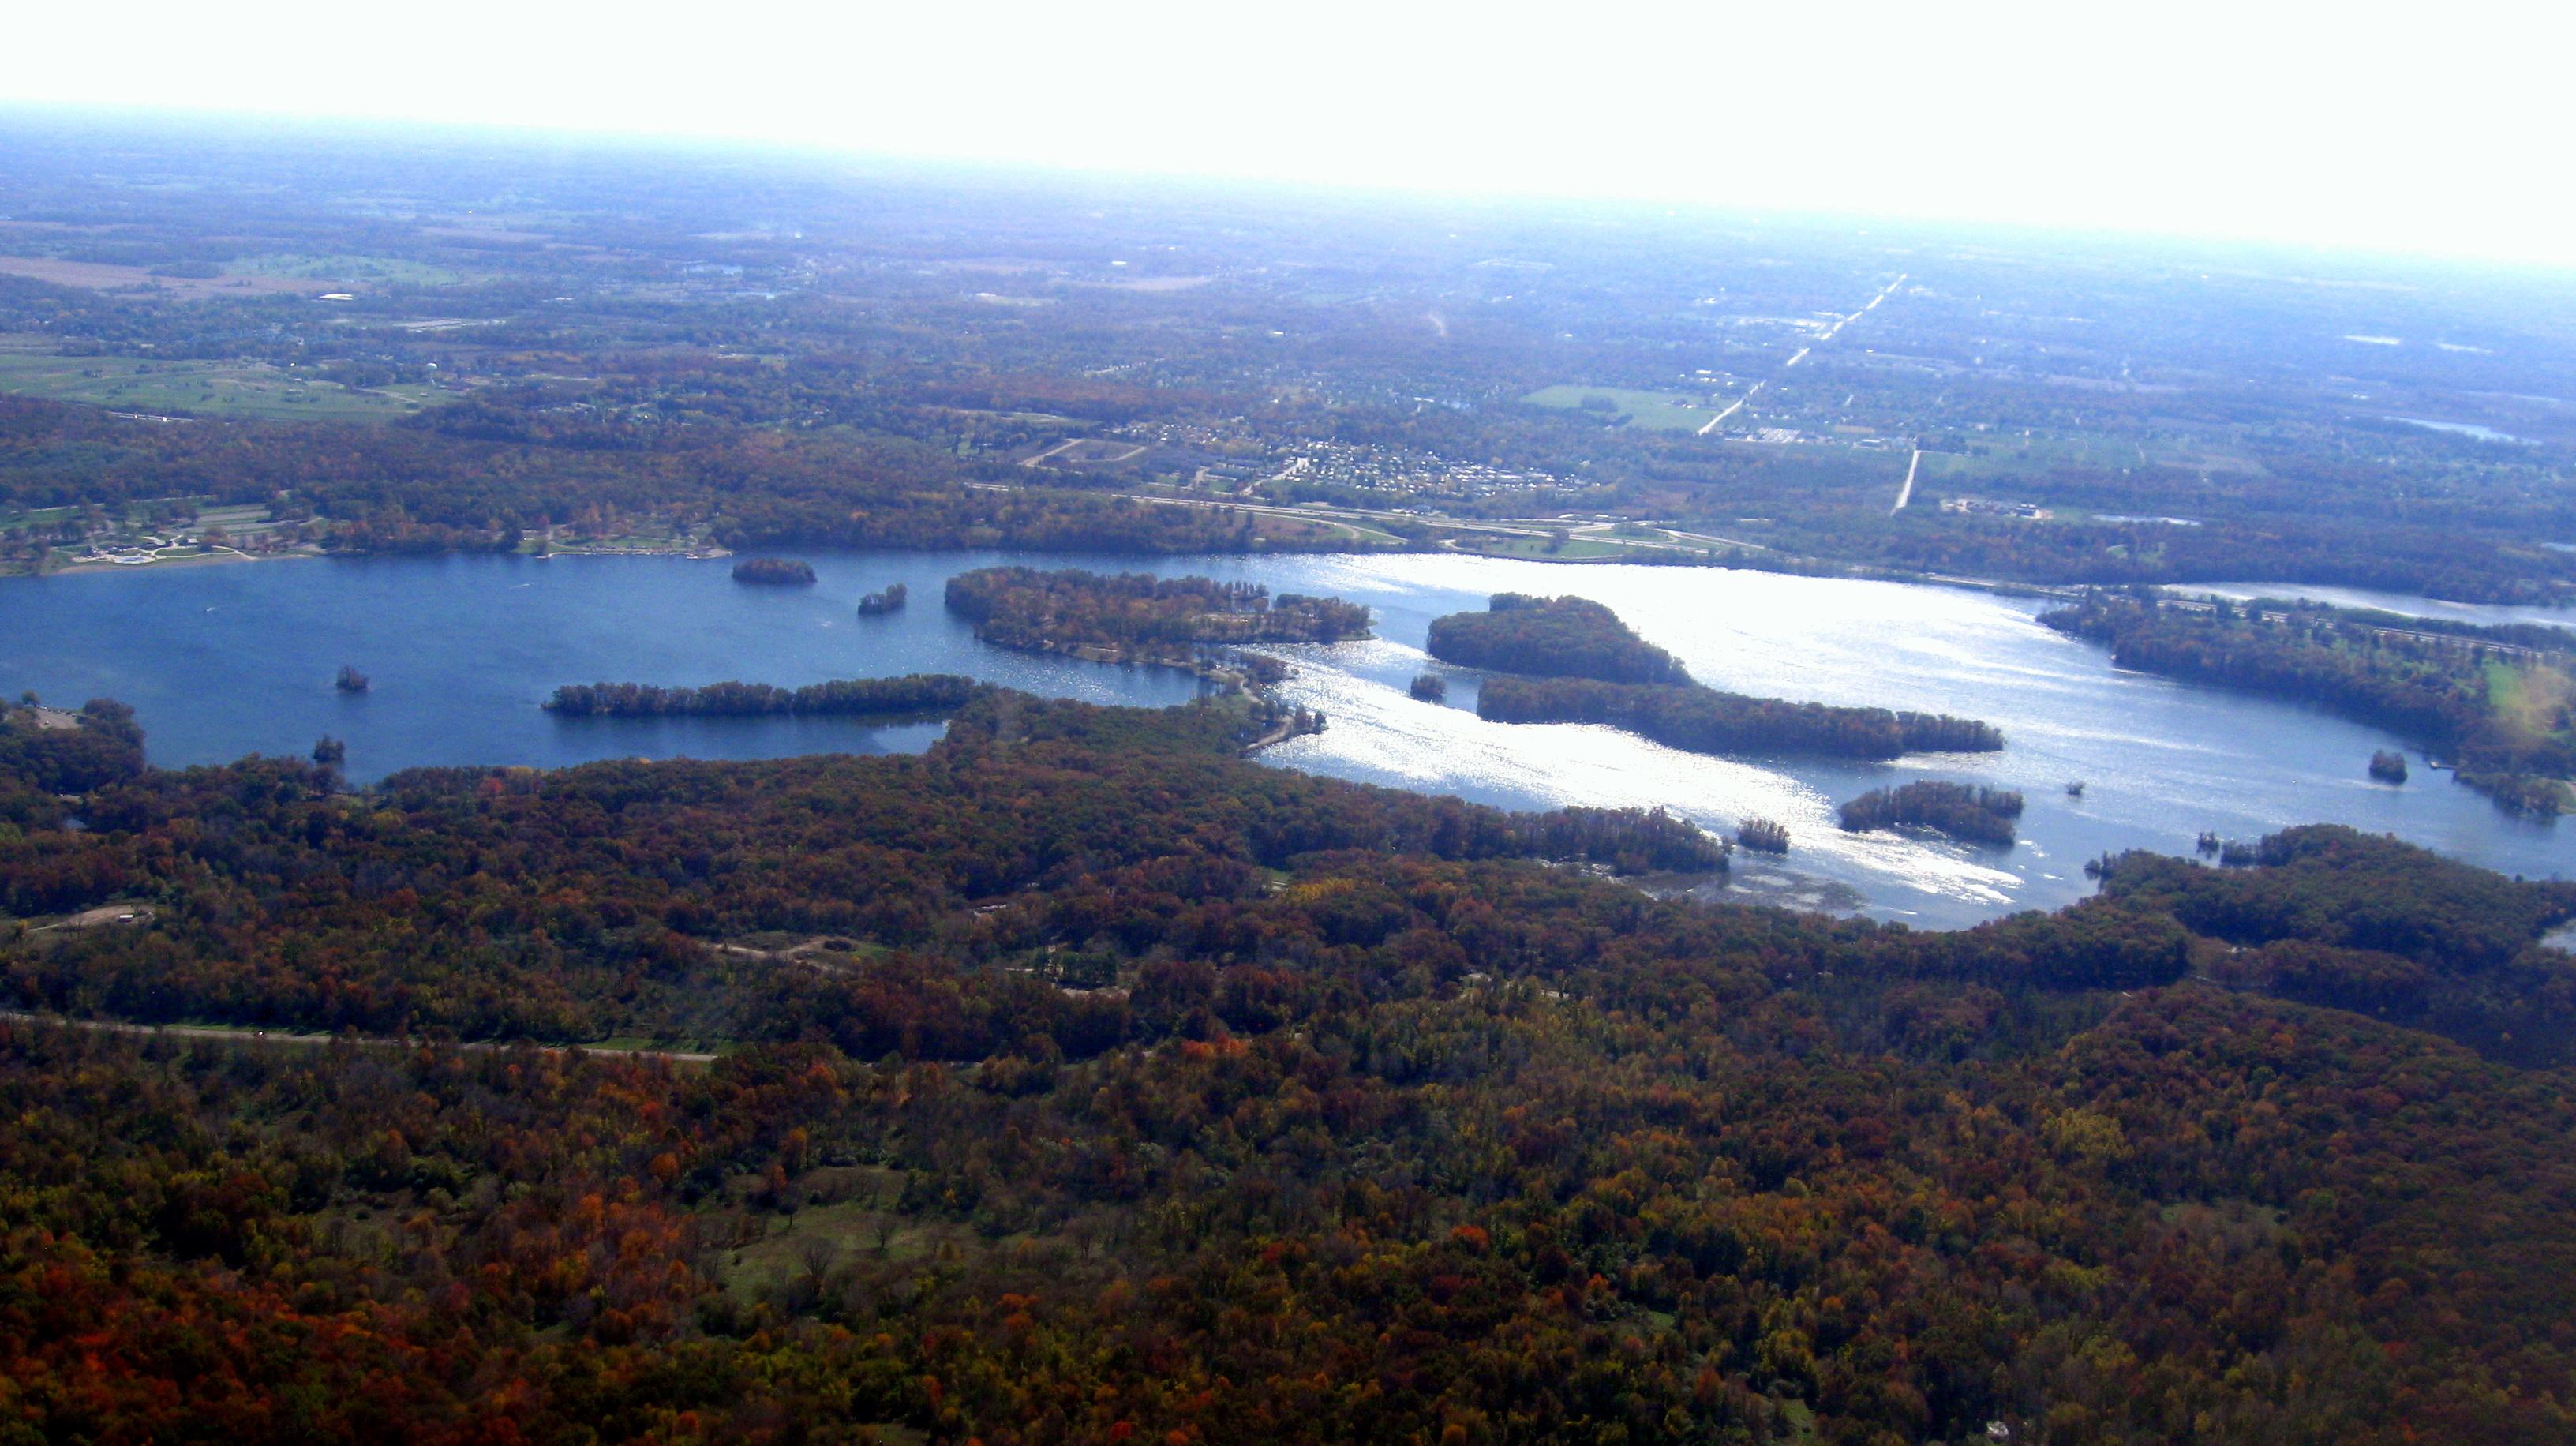 kent lake michigan map Kent Lake Michigan Wikipedia kent lake michigan map